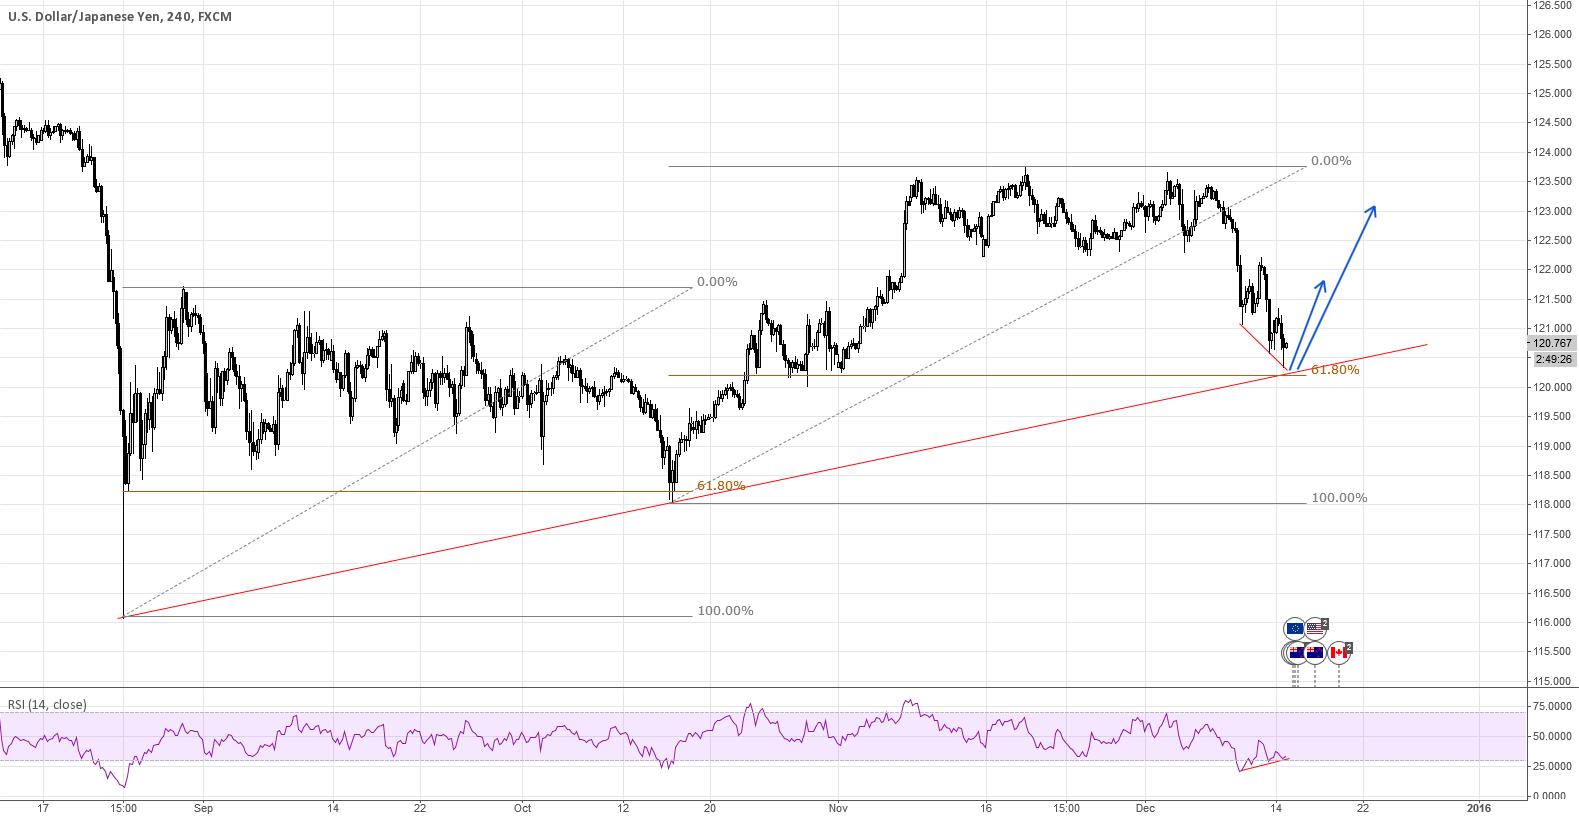 USDJPY - Bounce on the Trendline